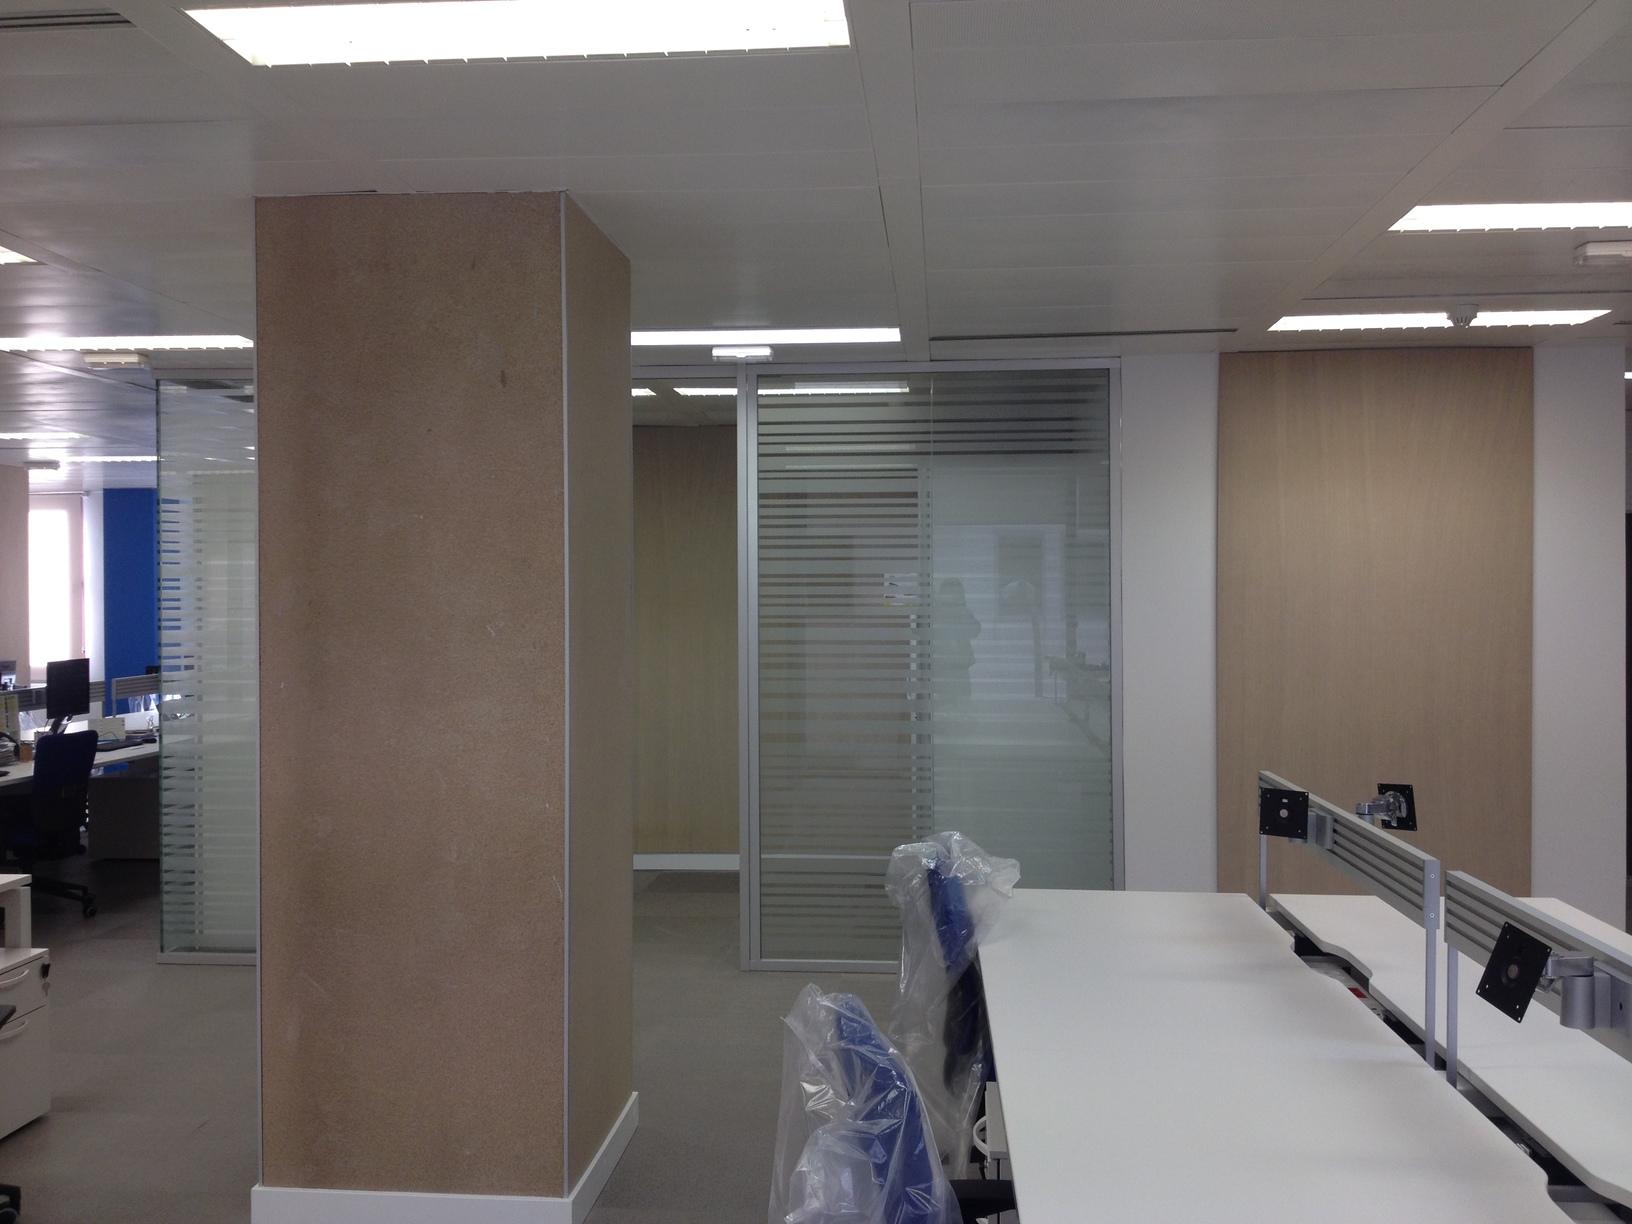 Oficina Aegon Suero Quiñones 01